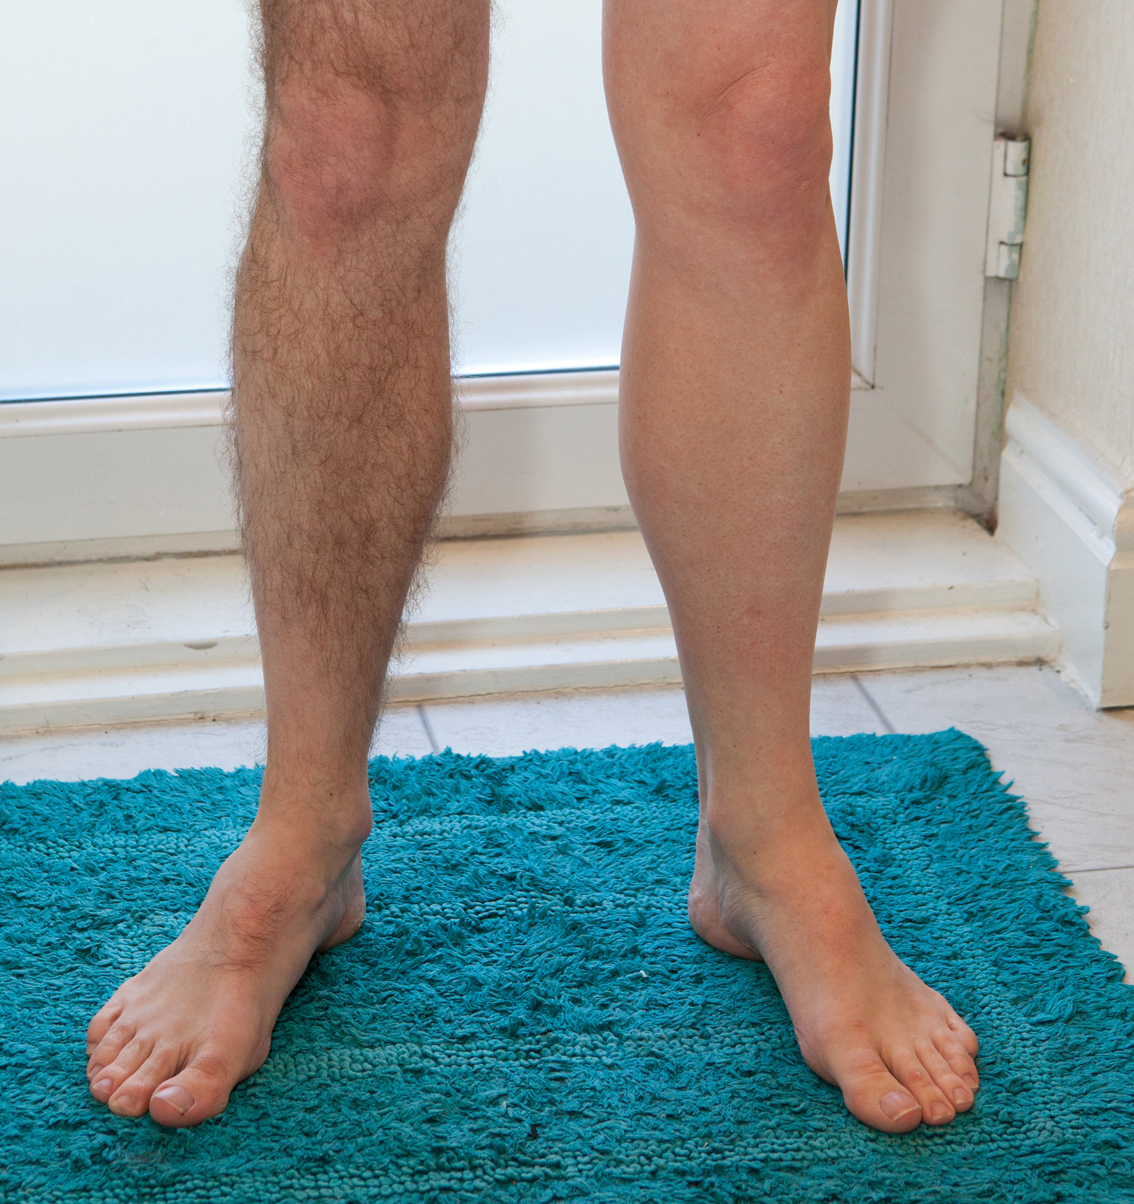 Любительницы мужских ног фото, порно жестко взял вьетнамку